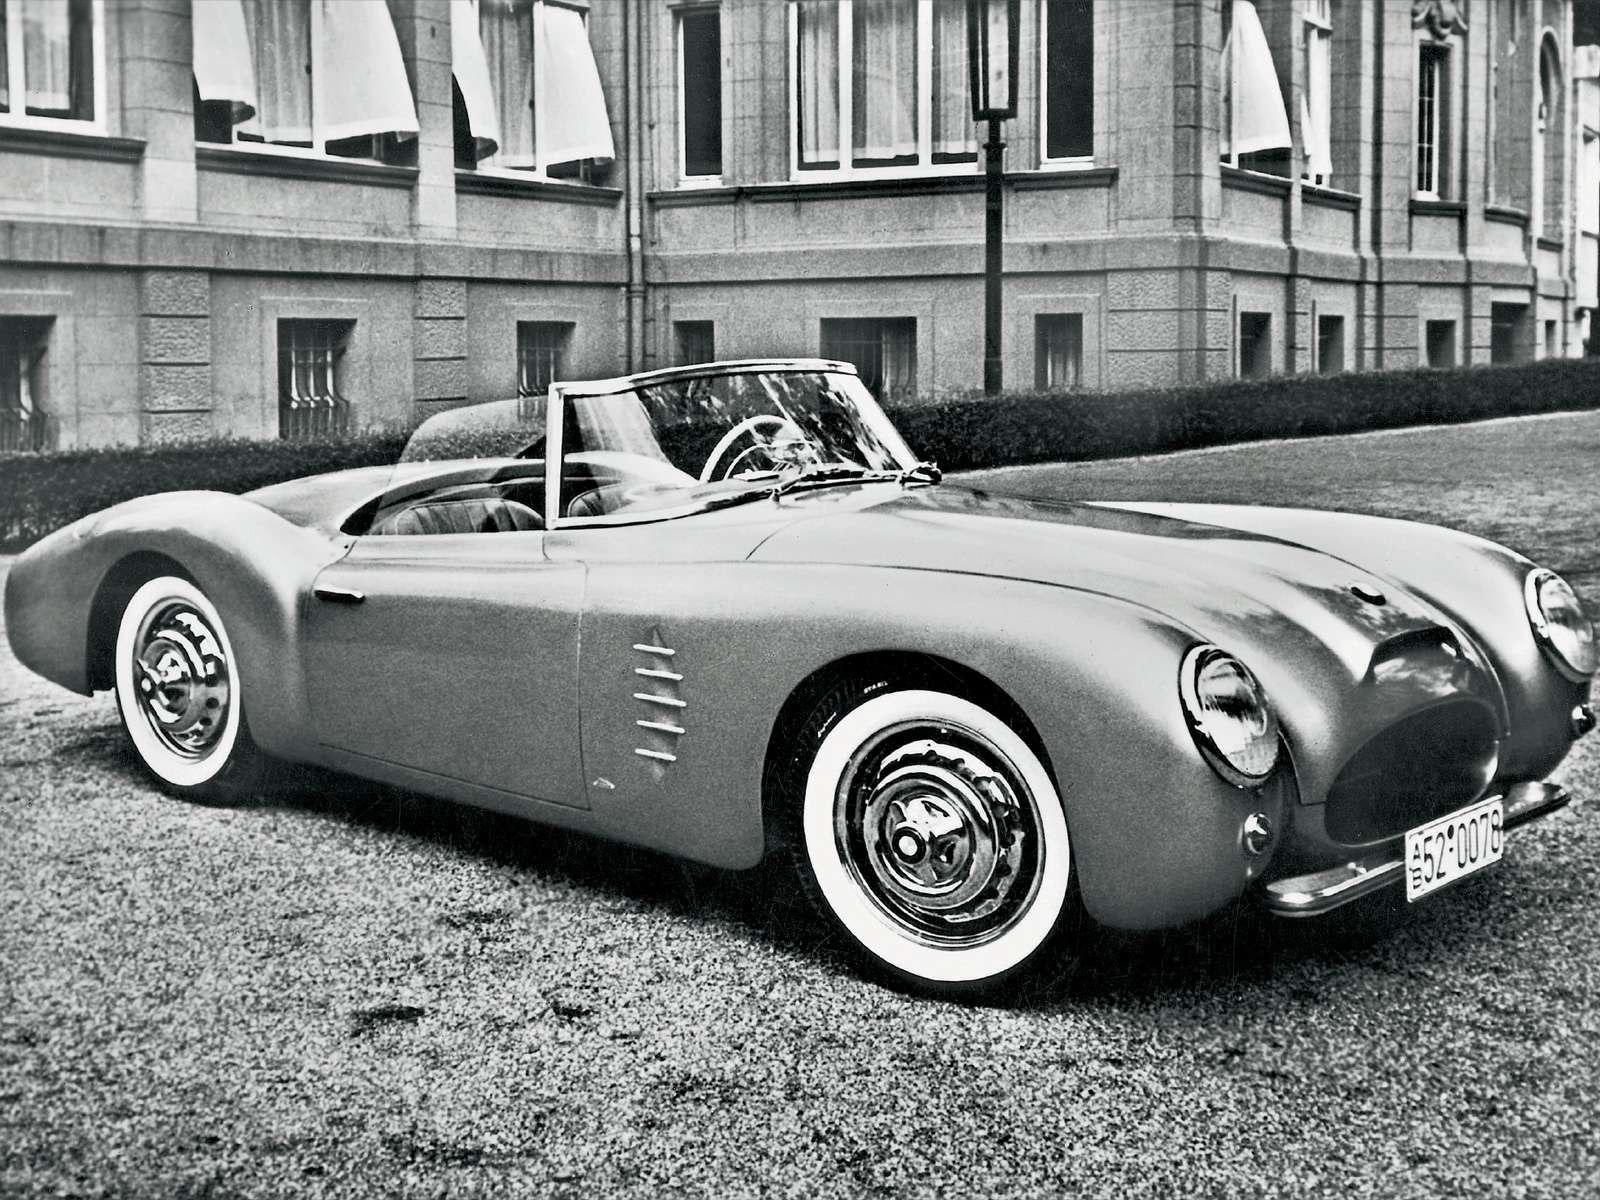 BMW 528/502 Sportwagen (1954) – Old Concept Cars